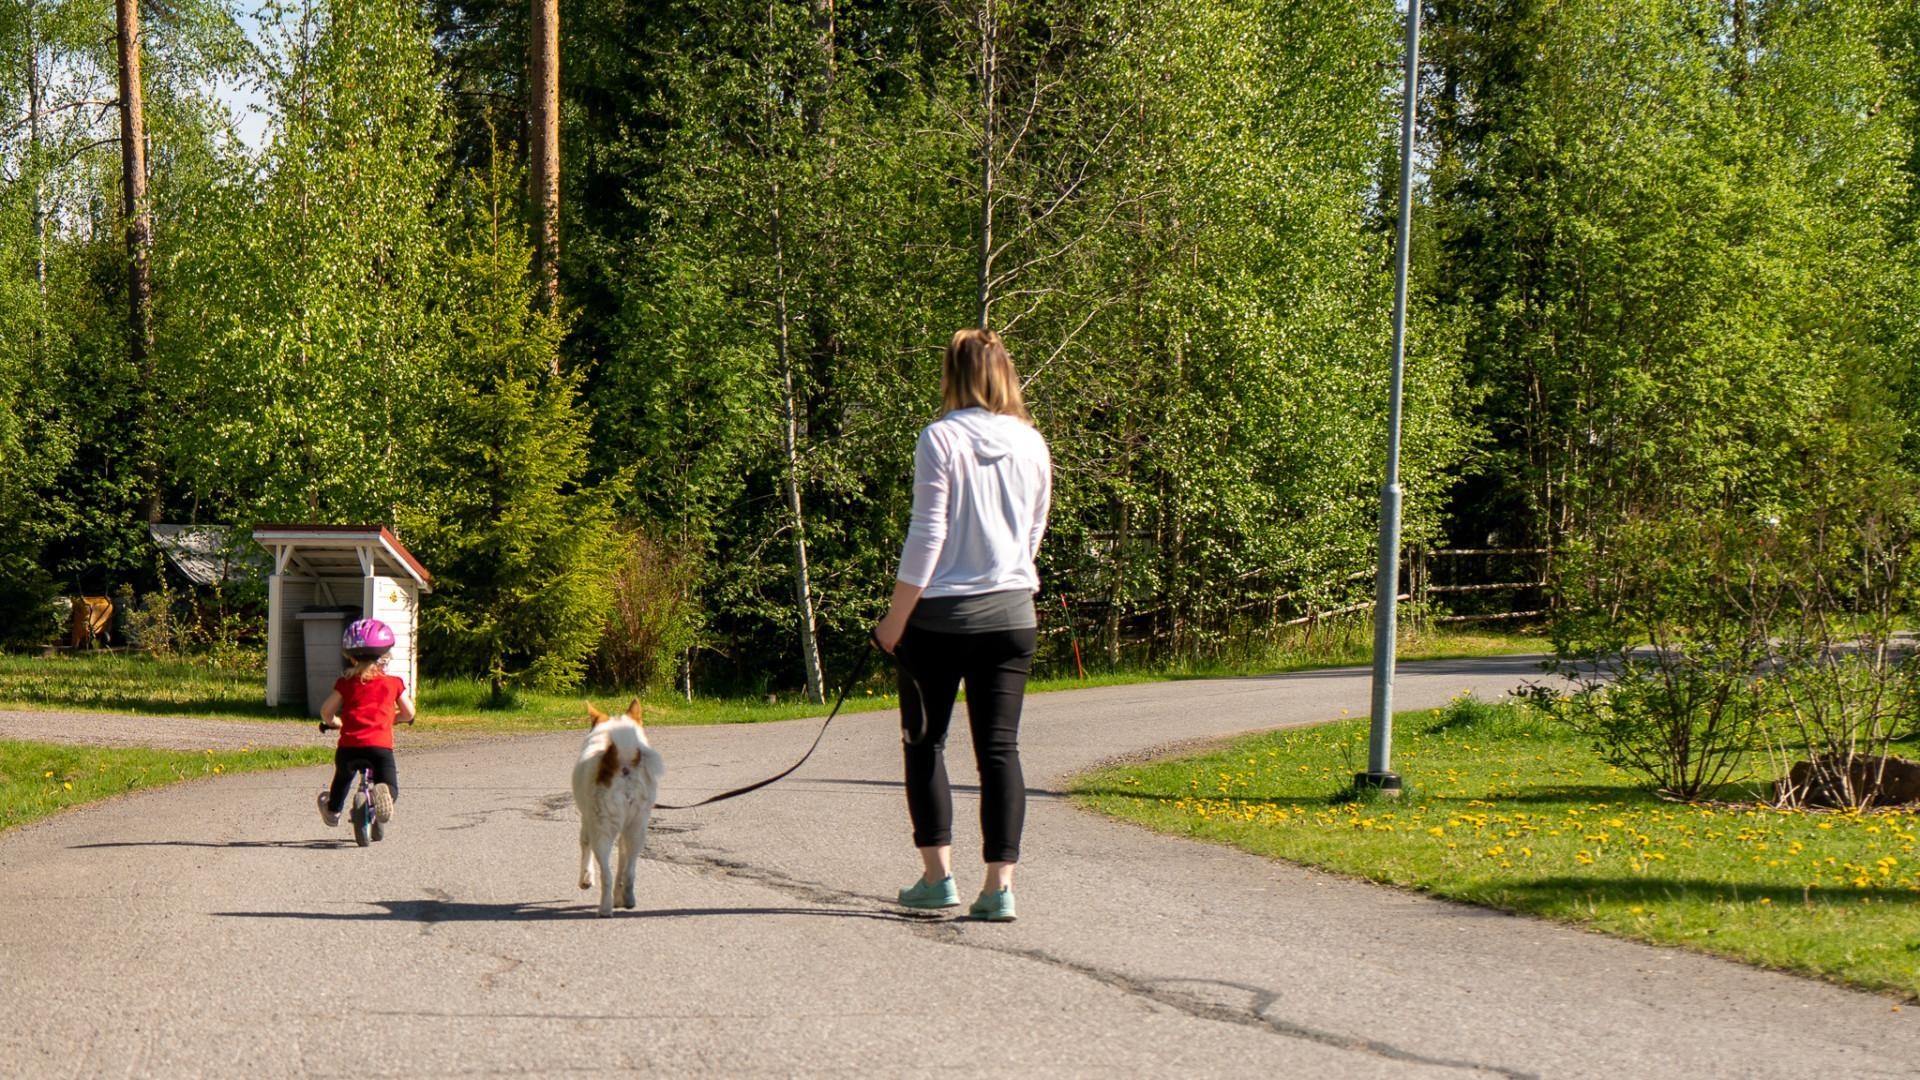 Nainen taluttaa koiraa ja pikkutyttö pyöräilee kadulla.